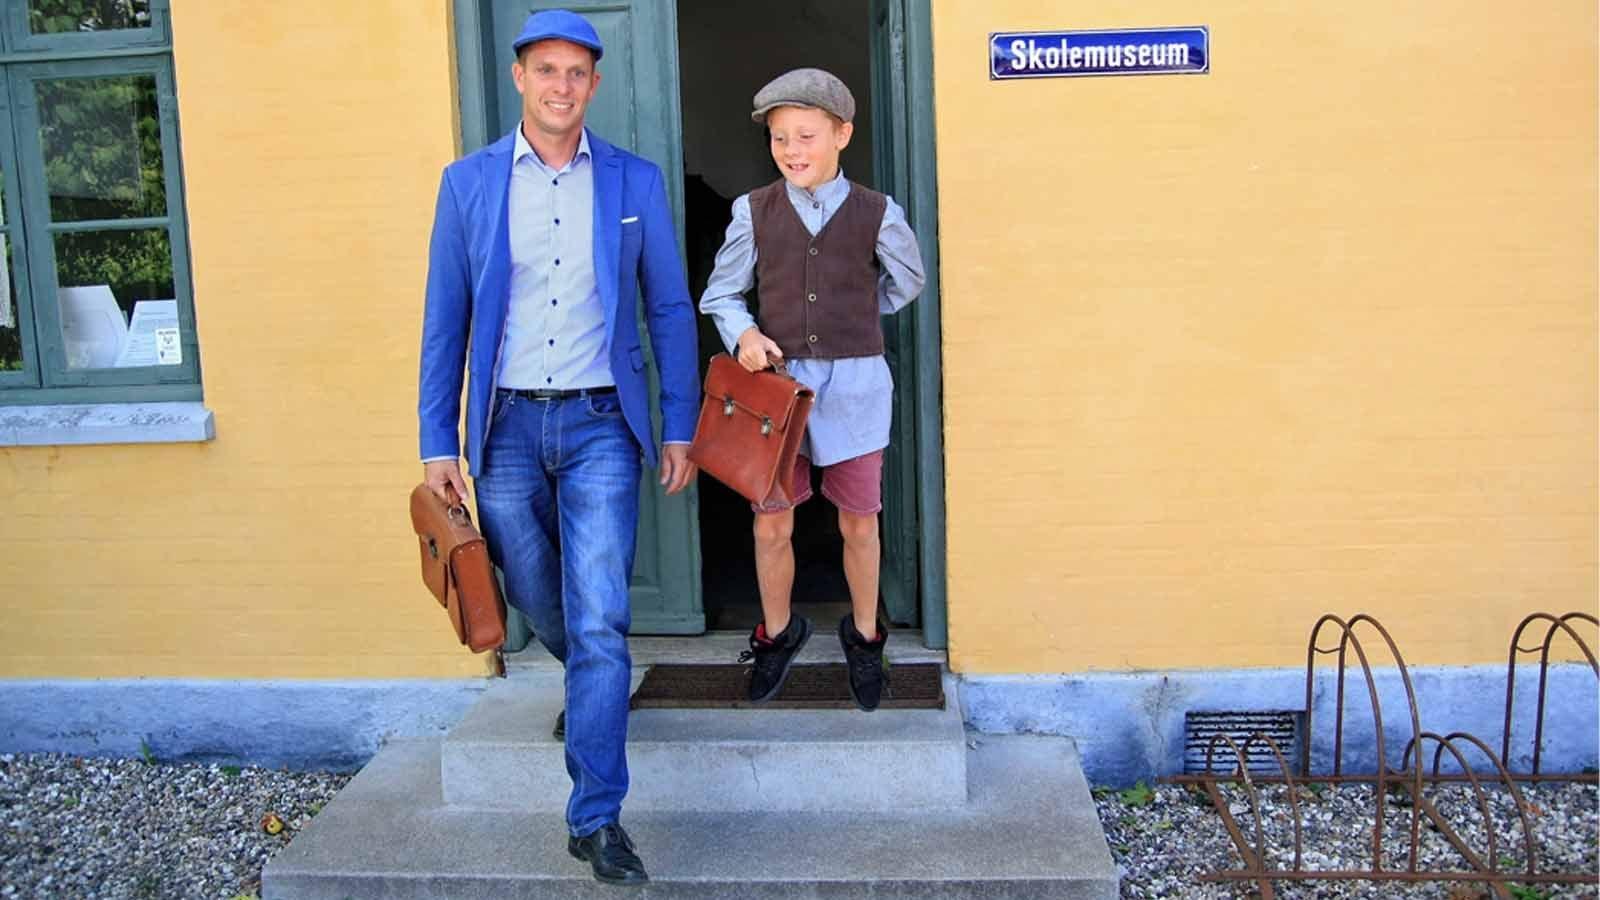 Flakkebjerg Skolemuseum 40-års jubilæum